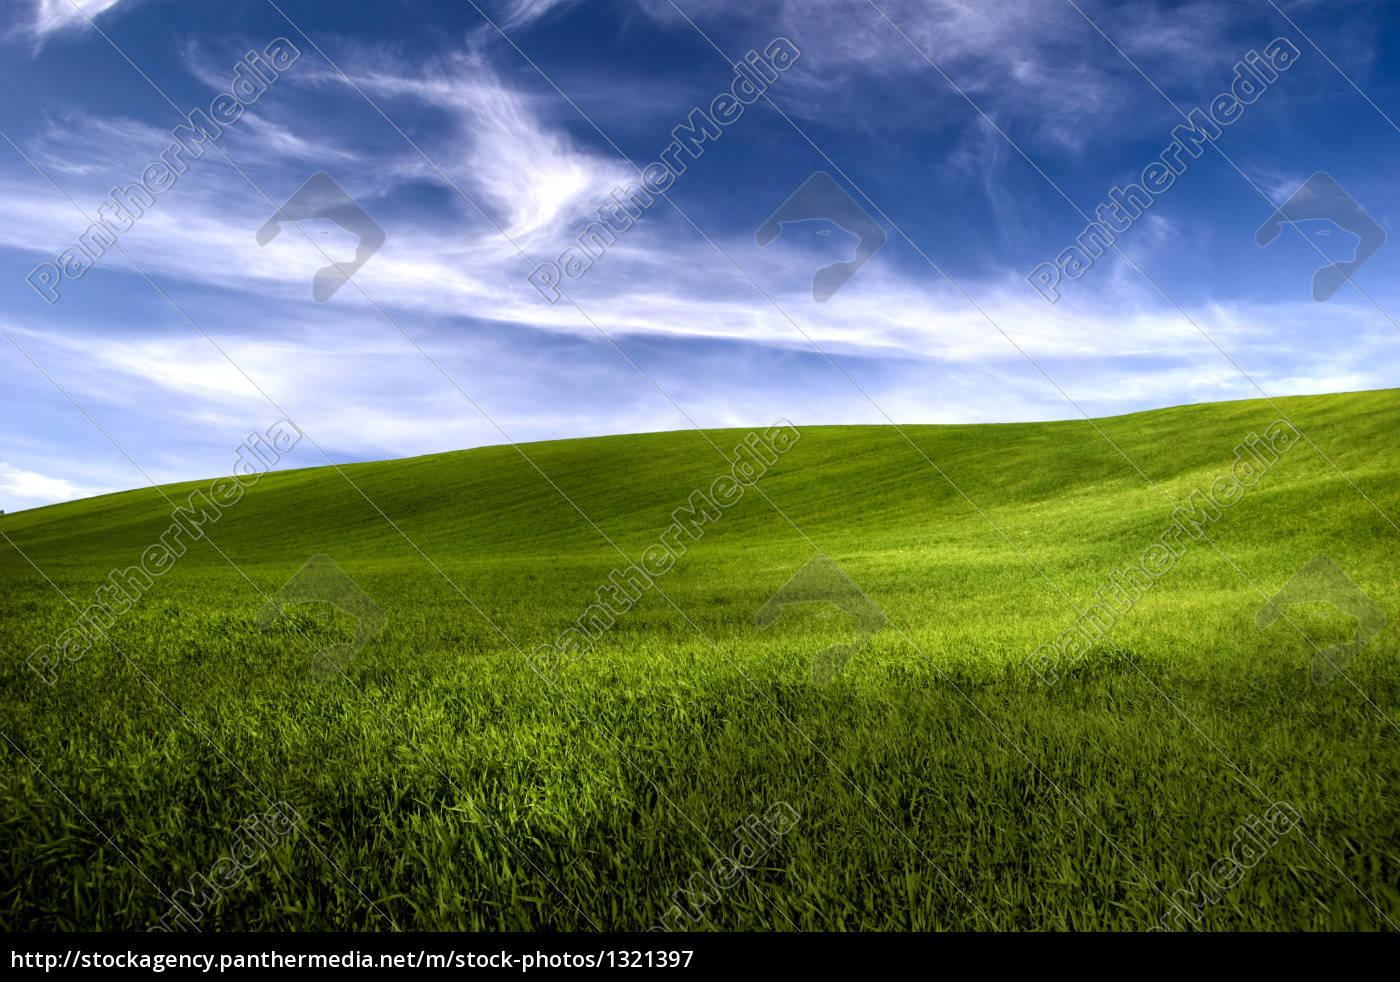 spring, field - 1321397